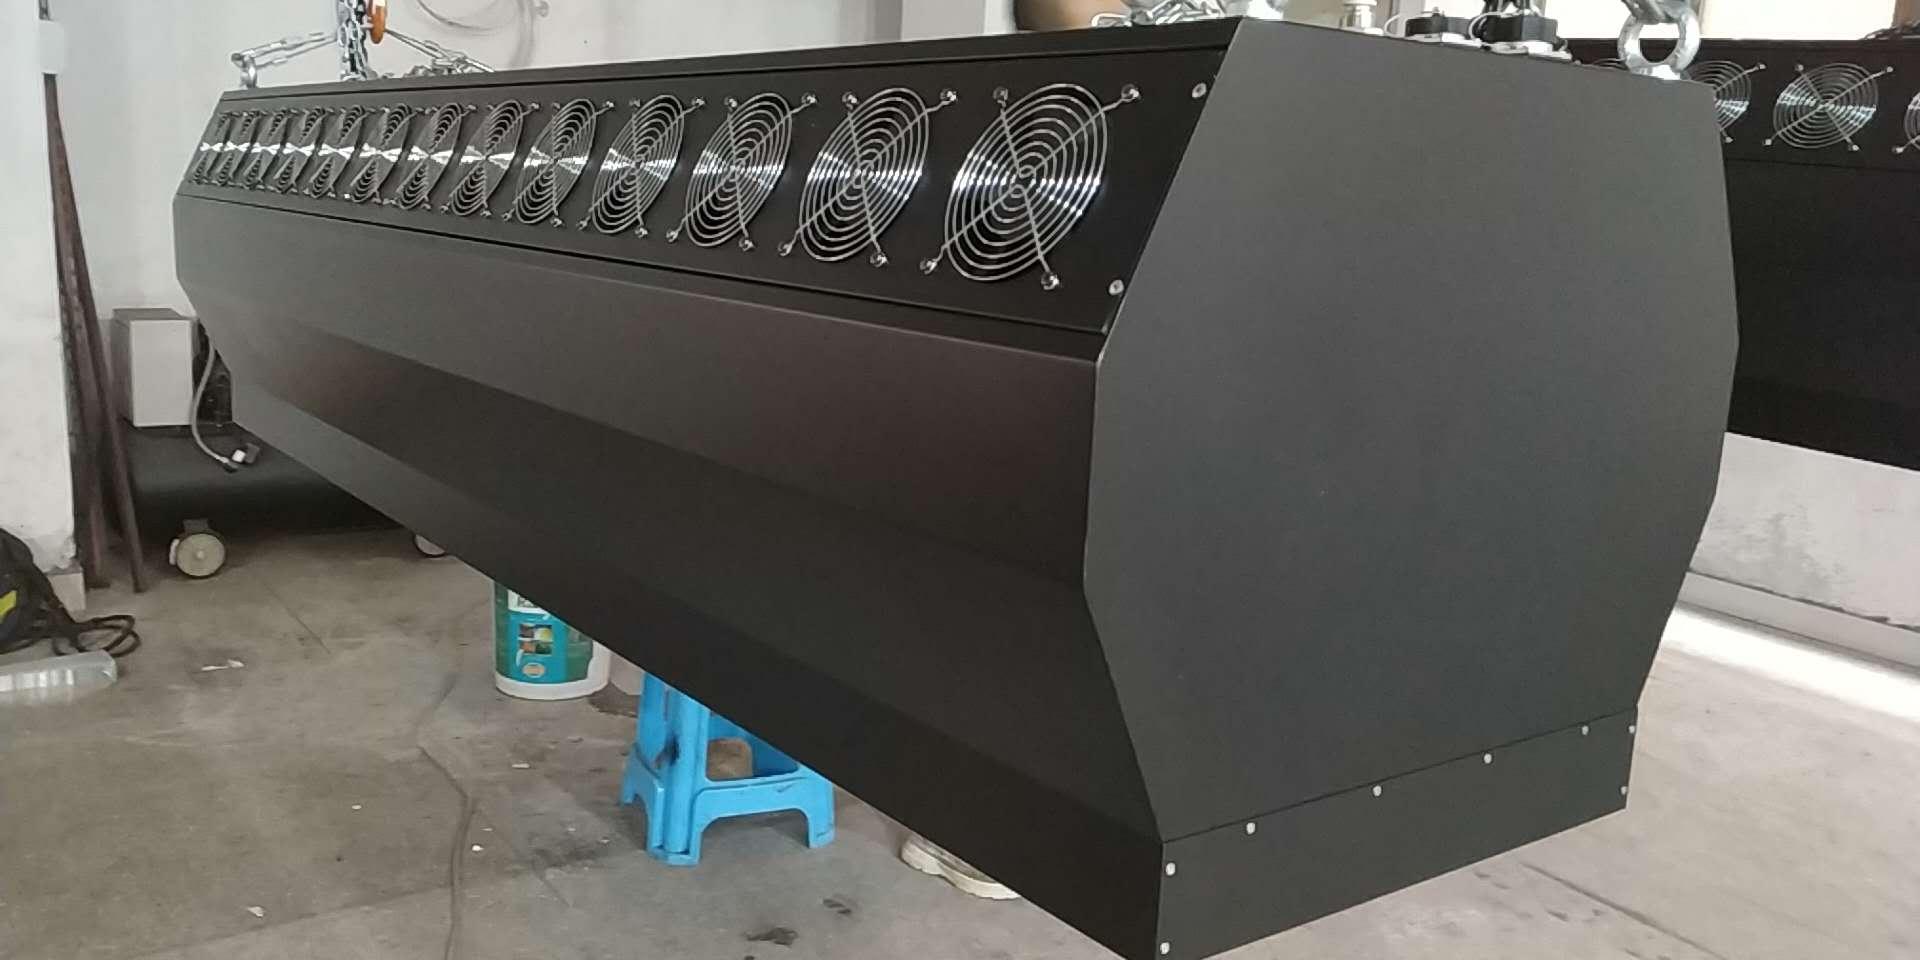 雾幕机/水雾帘/雾屏的工厂生产车间探秘效果图